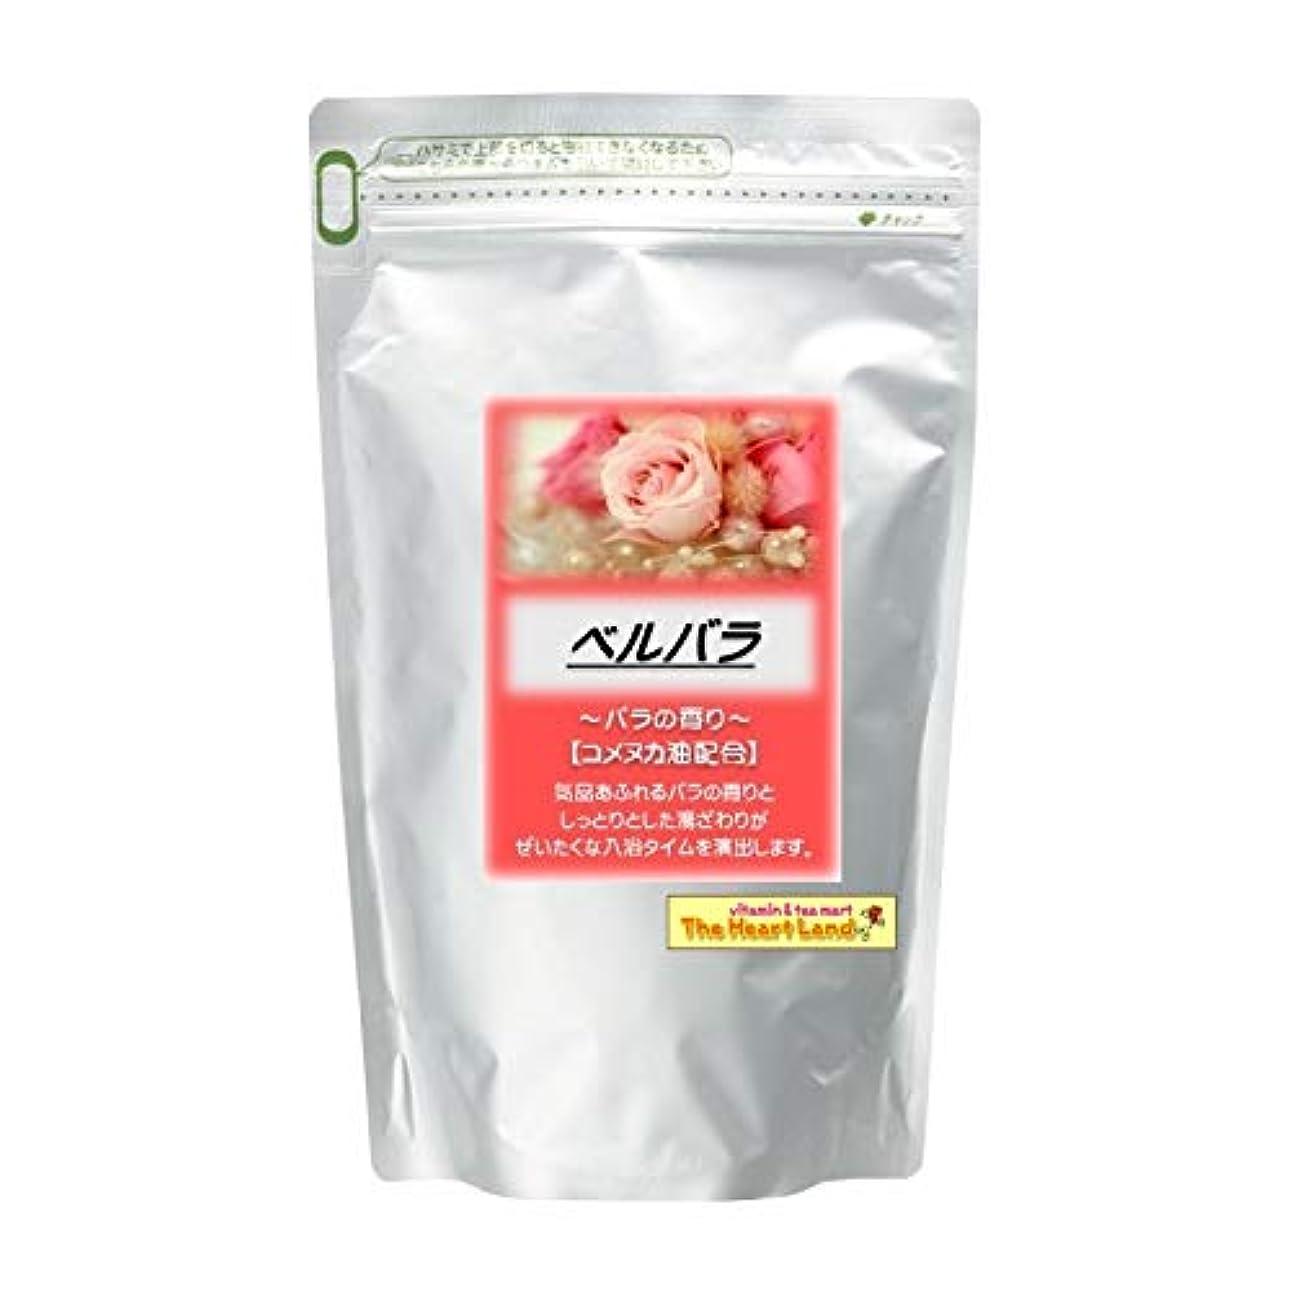 作成するセミナーブランチアサヒ入浴剤 浴用入浴化粧品 ベルバラ 300g